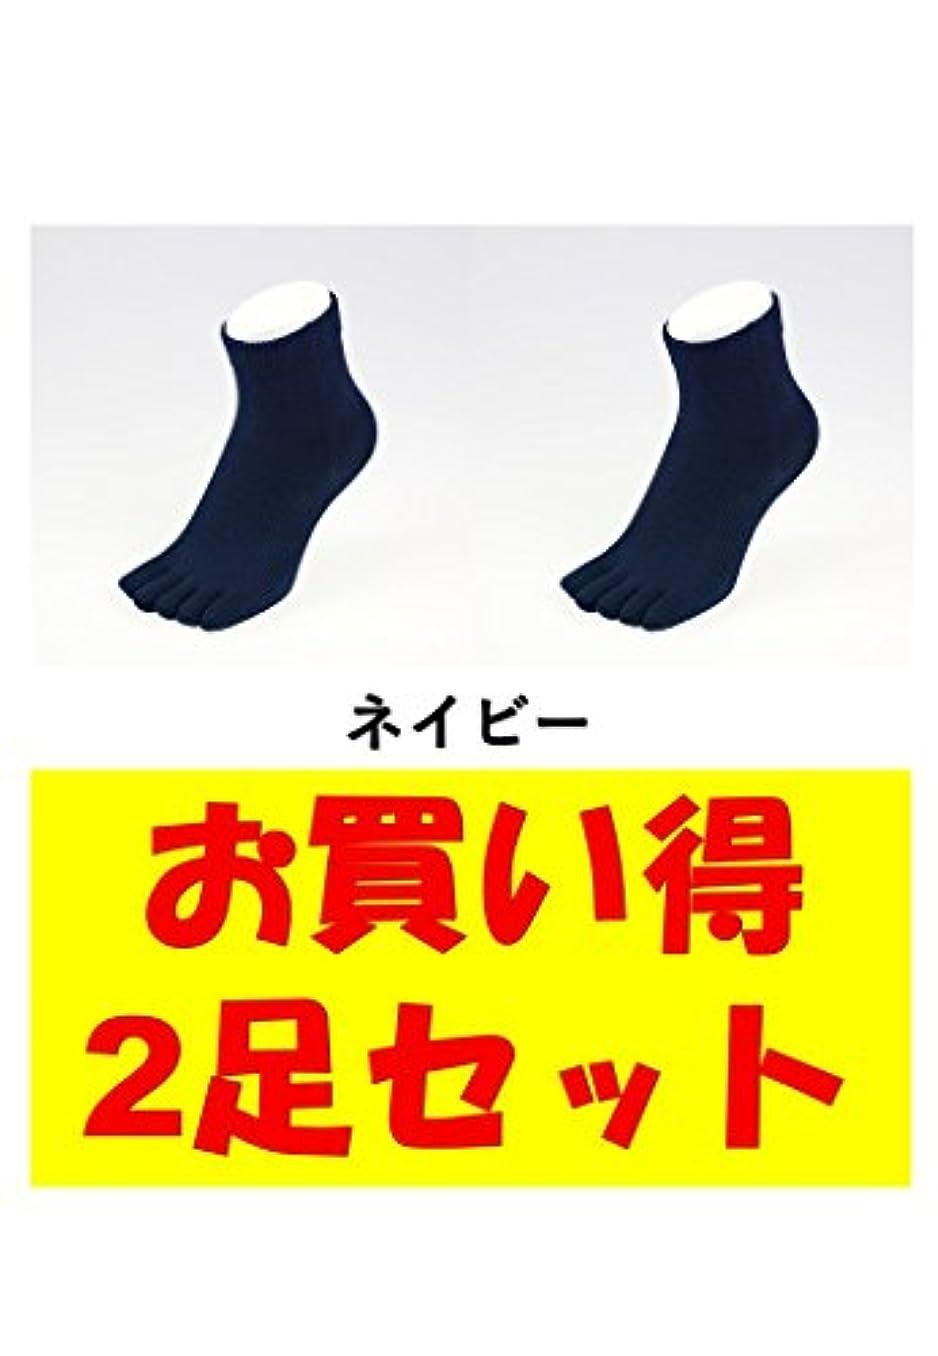 ママ閉塞乳剤お買い得2足セット 5本指 ゆびのばソックス Neo EVE(イヴ) ネイビー iサイズ(23.5cm - 25.5cm) YSNEVE-NVY